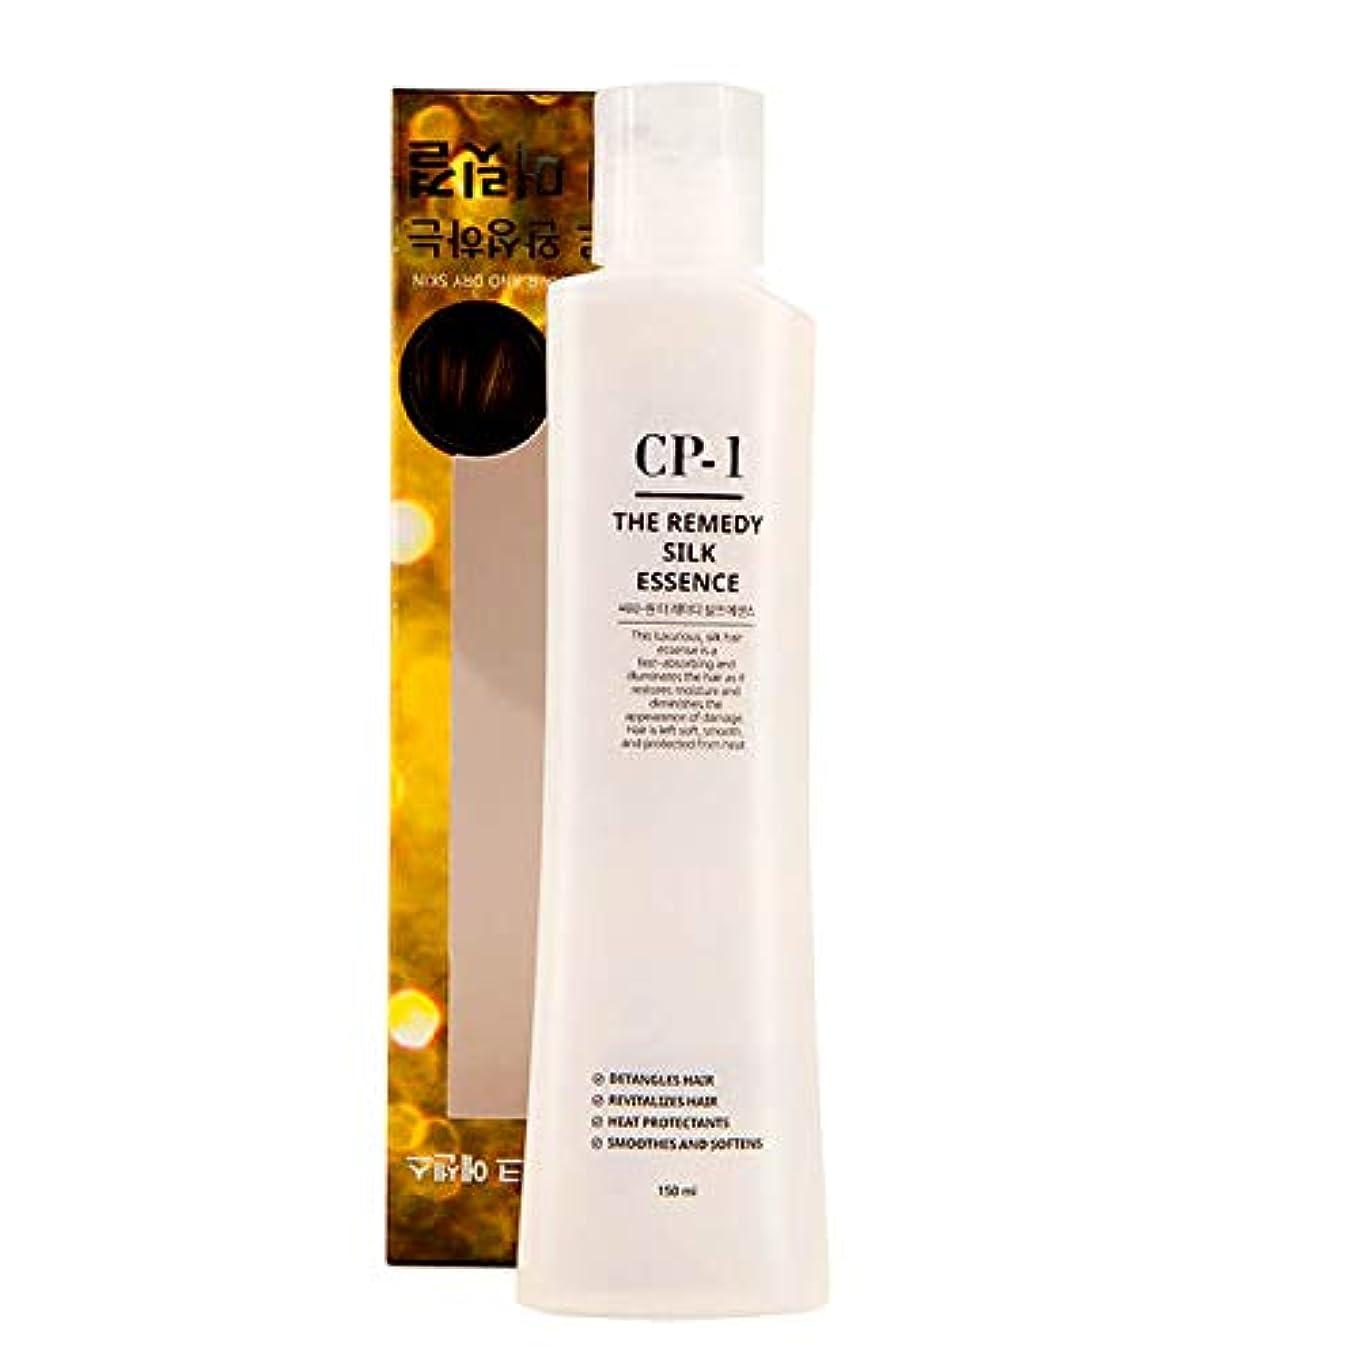 逮捕加速する関係するEsthetic House[エステティックハウス] CP-1 治療シルクエッセンス 150ml (傷んだ髪や乾燥肌の韓国のヘアケアに) / The Remedy Silk Essence